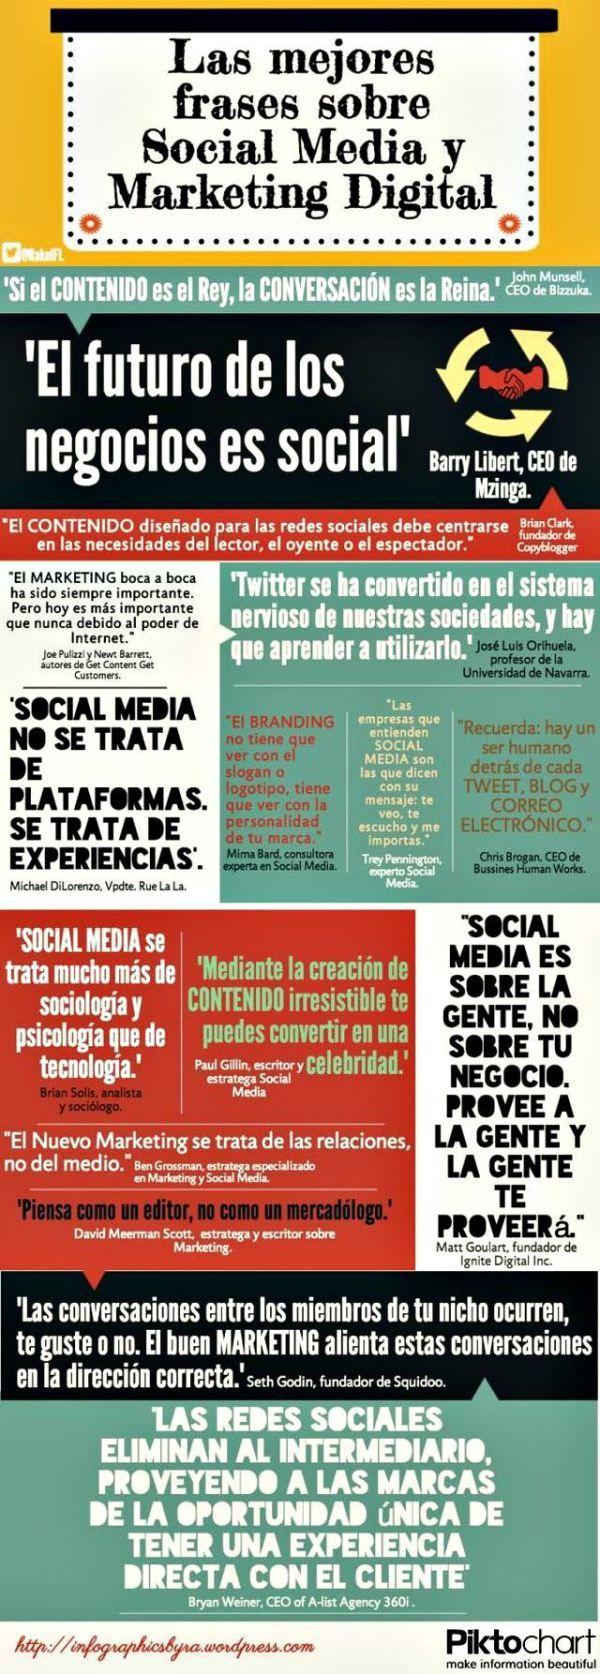 Las mejores frases sobre Social Media y Marketing Digital.